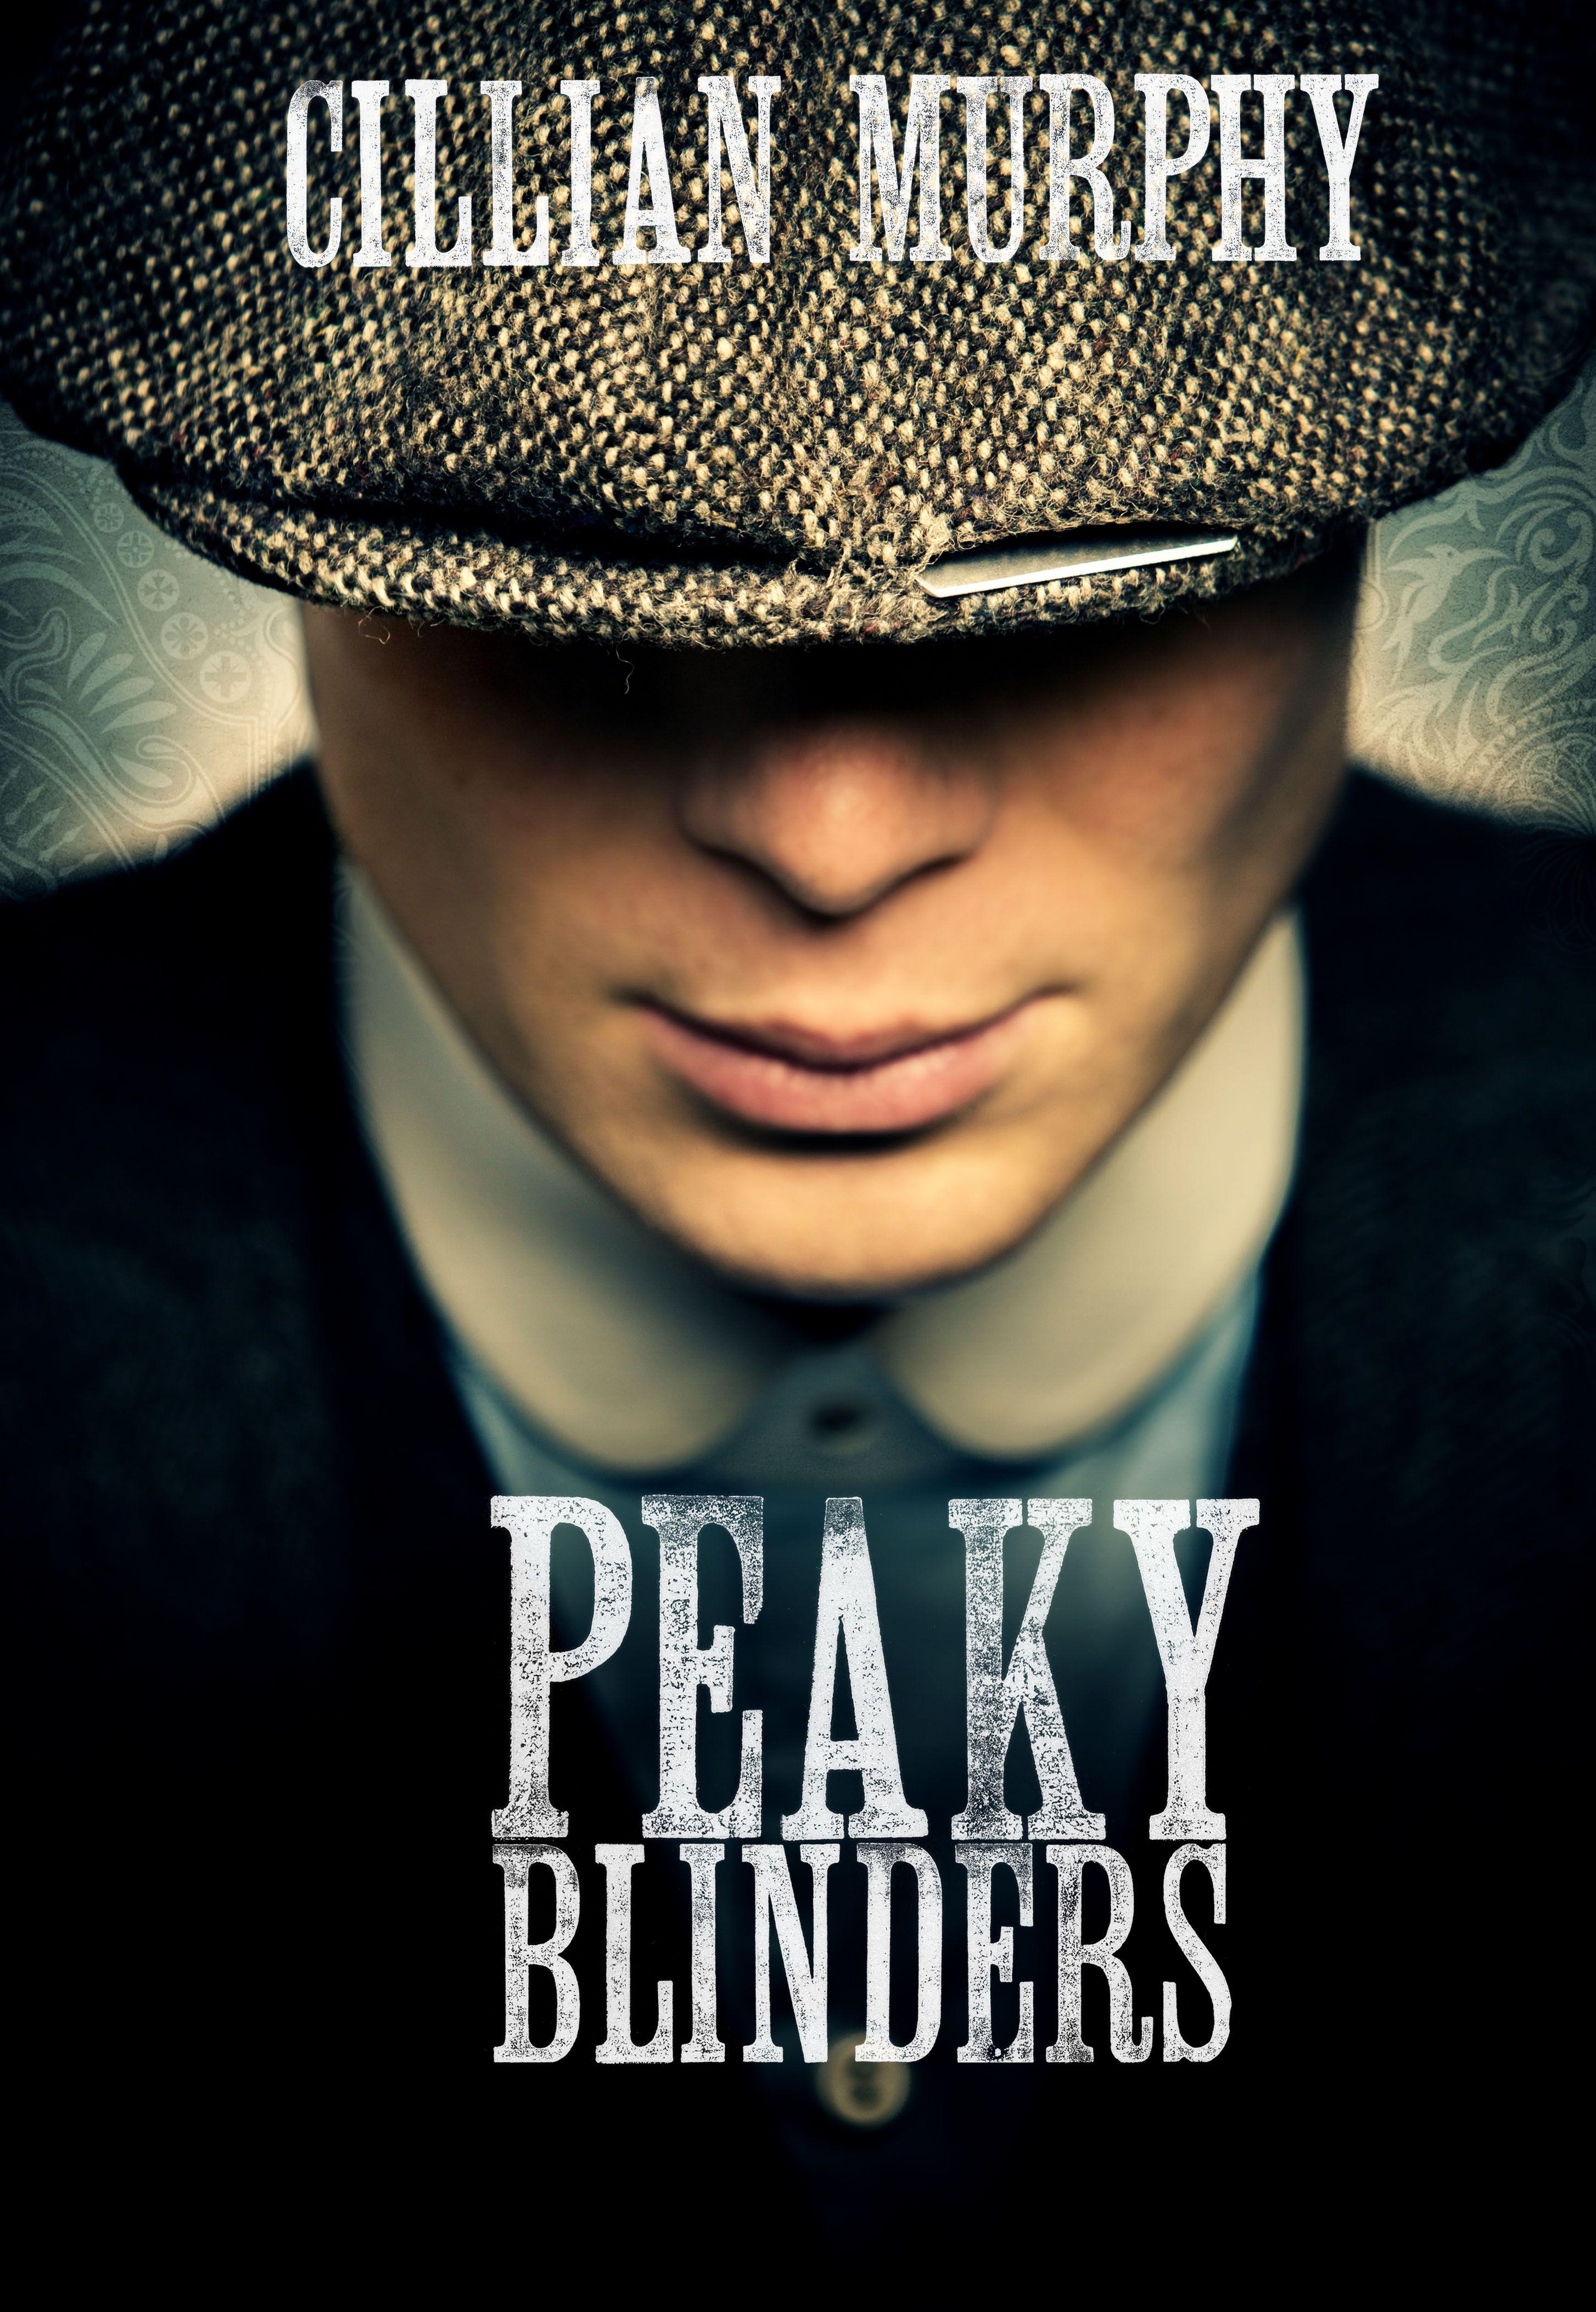 peaky blinders tv series